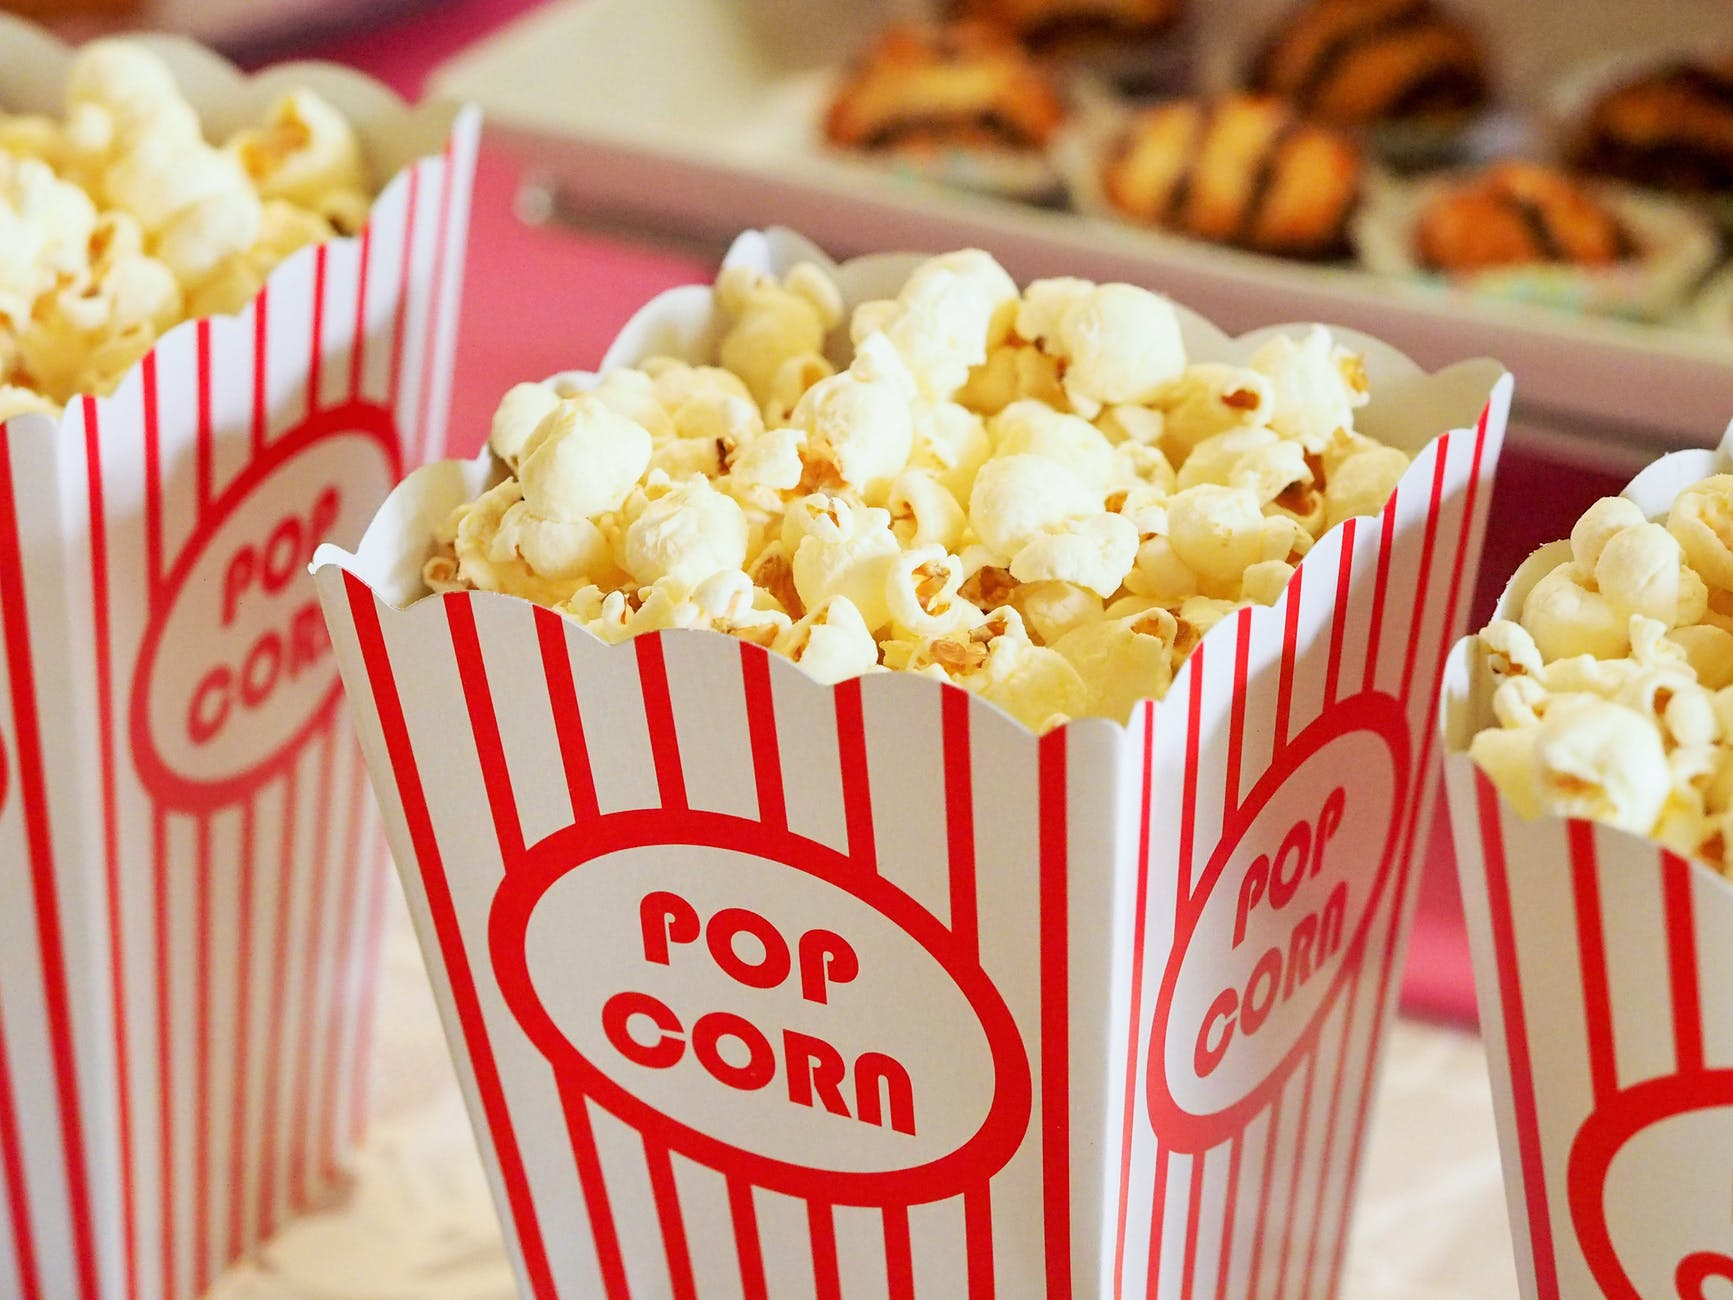 Ce filme vedem in aprilie la cinema?